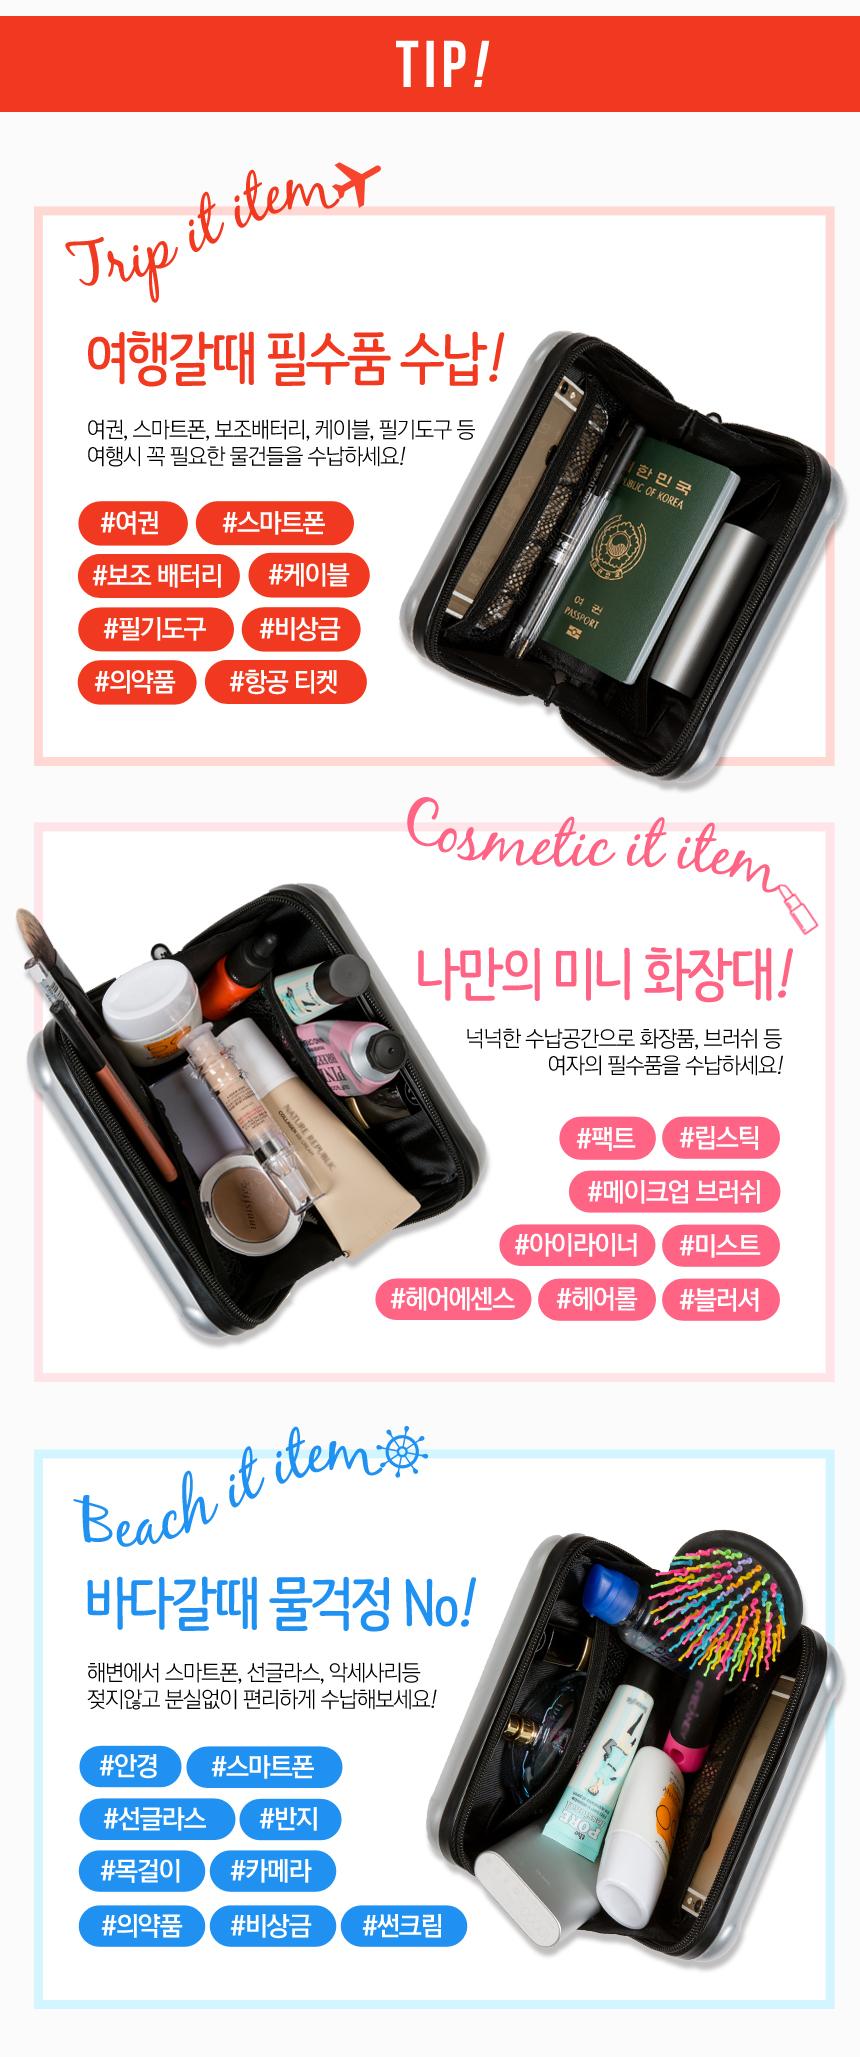 [1+1][사은품] 화장품파우치 캐리어파우치 - 지음, 18,900원, 화장품파우치, 나일론/PVC